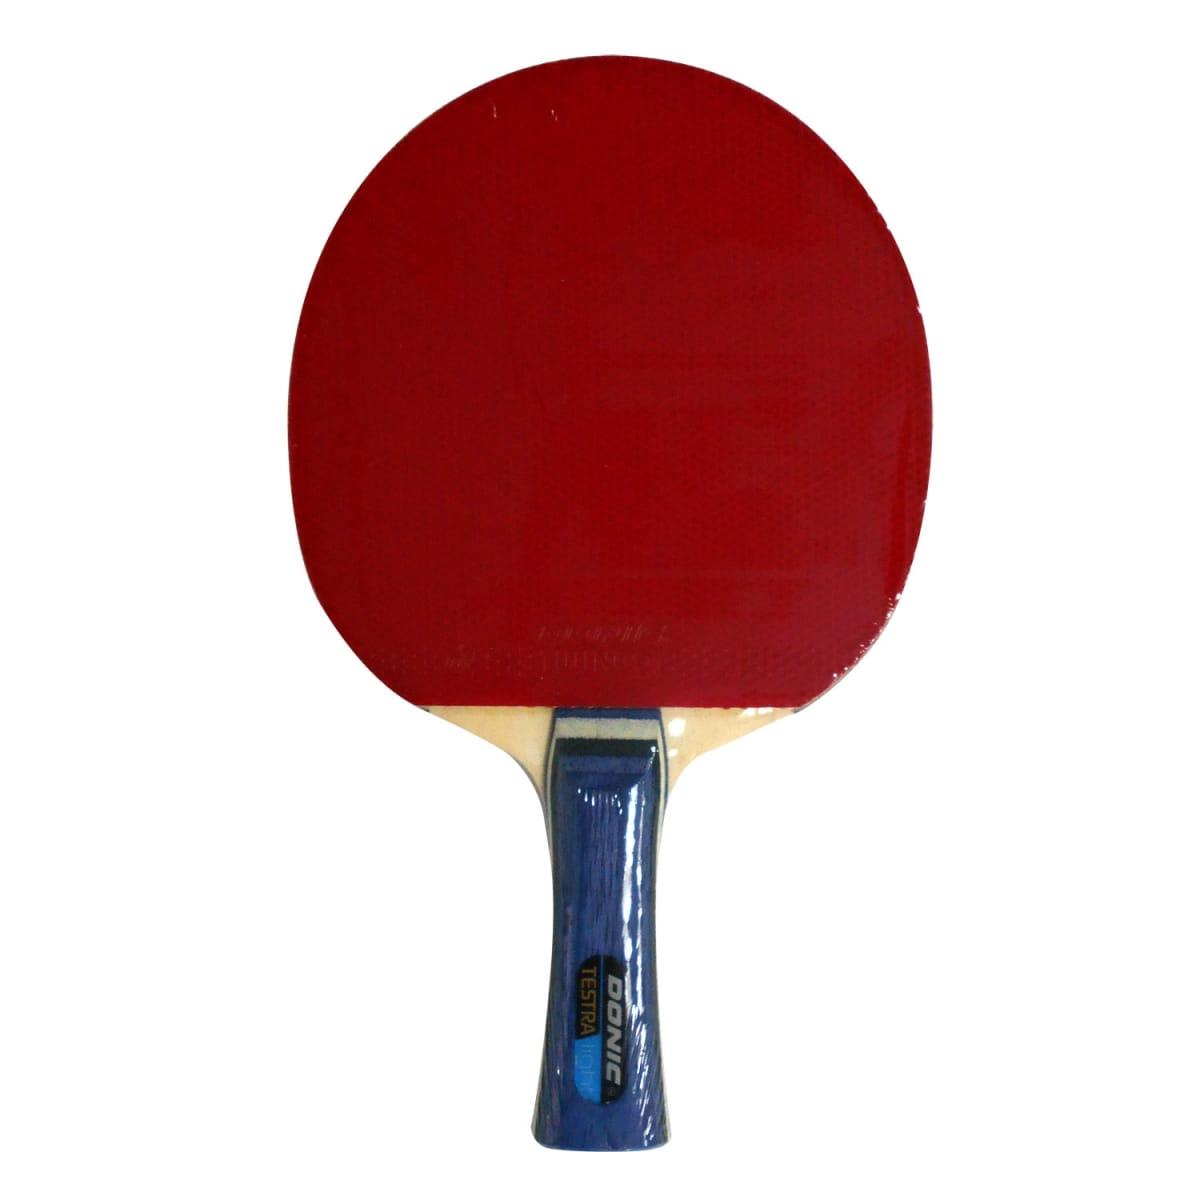 Ракетка для настольного тенниса Donic 200203 Testra Off